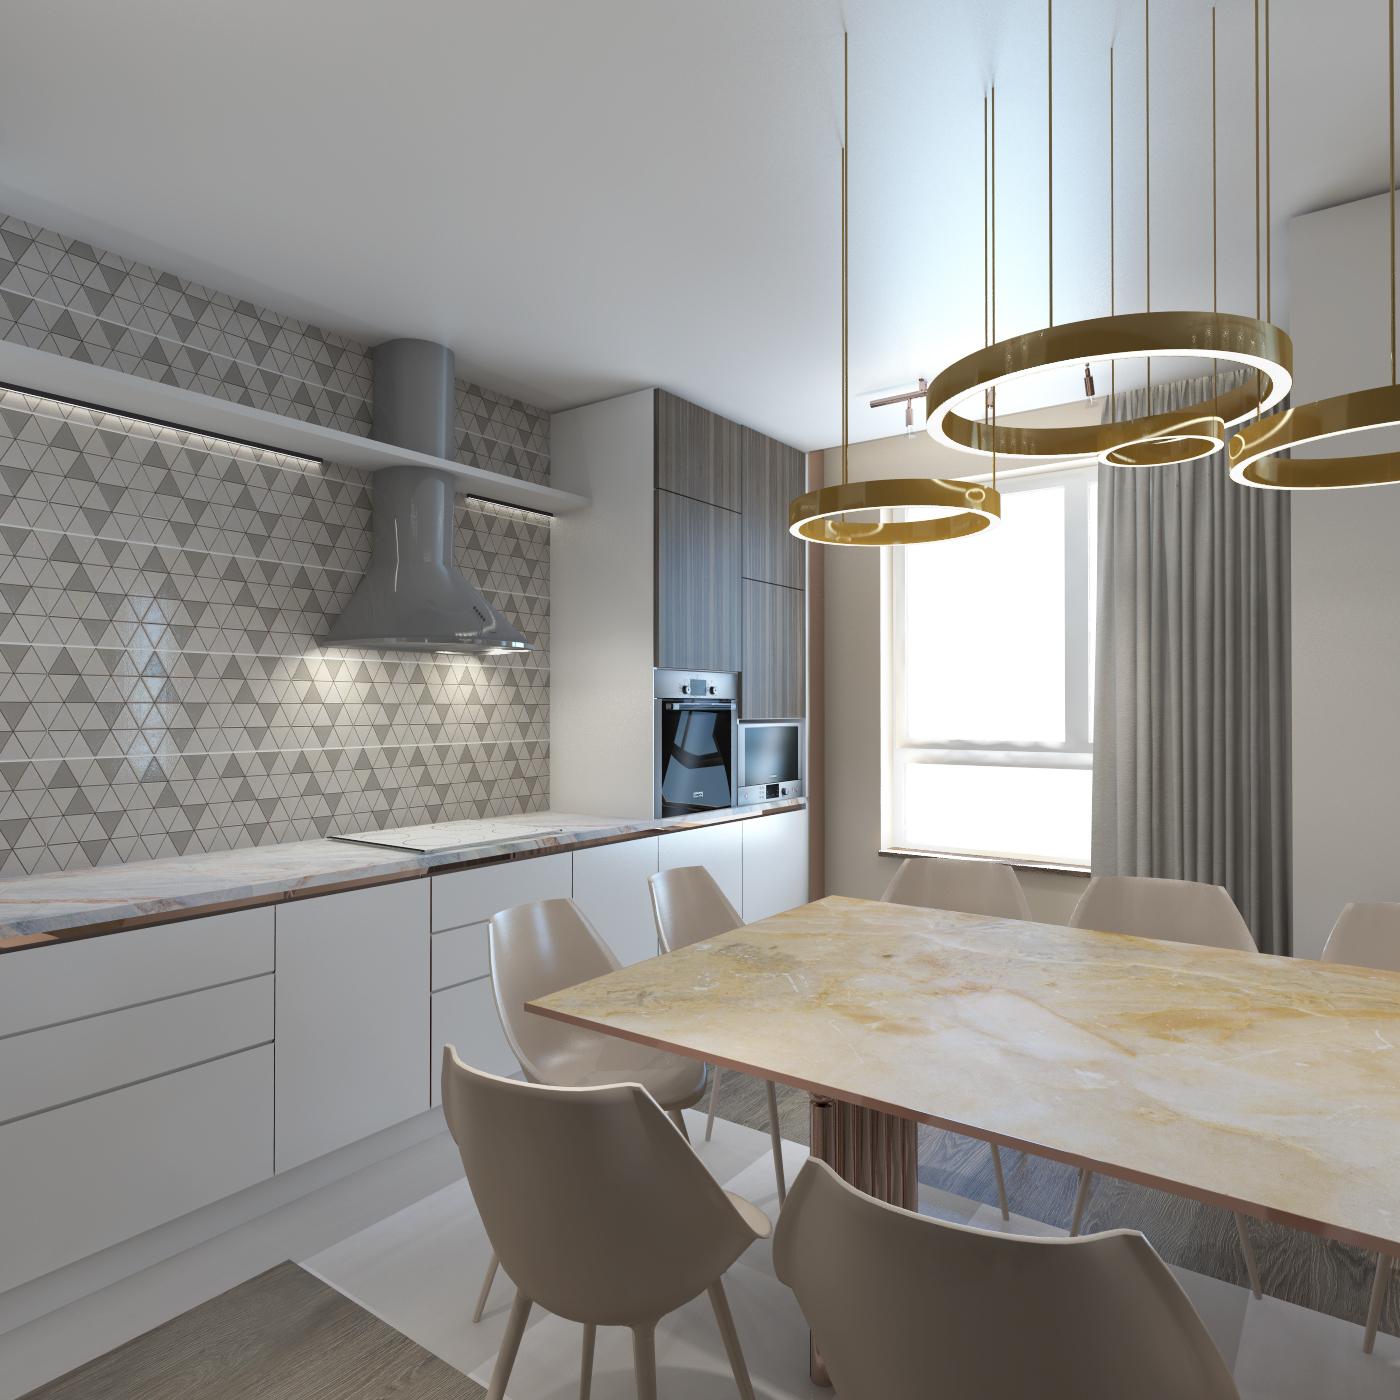 accamera 13 - Кухня-гостиная в стиле Contemporary